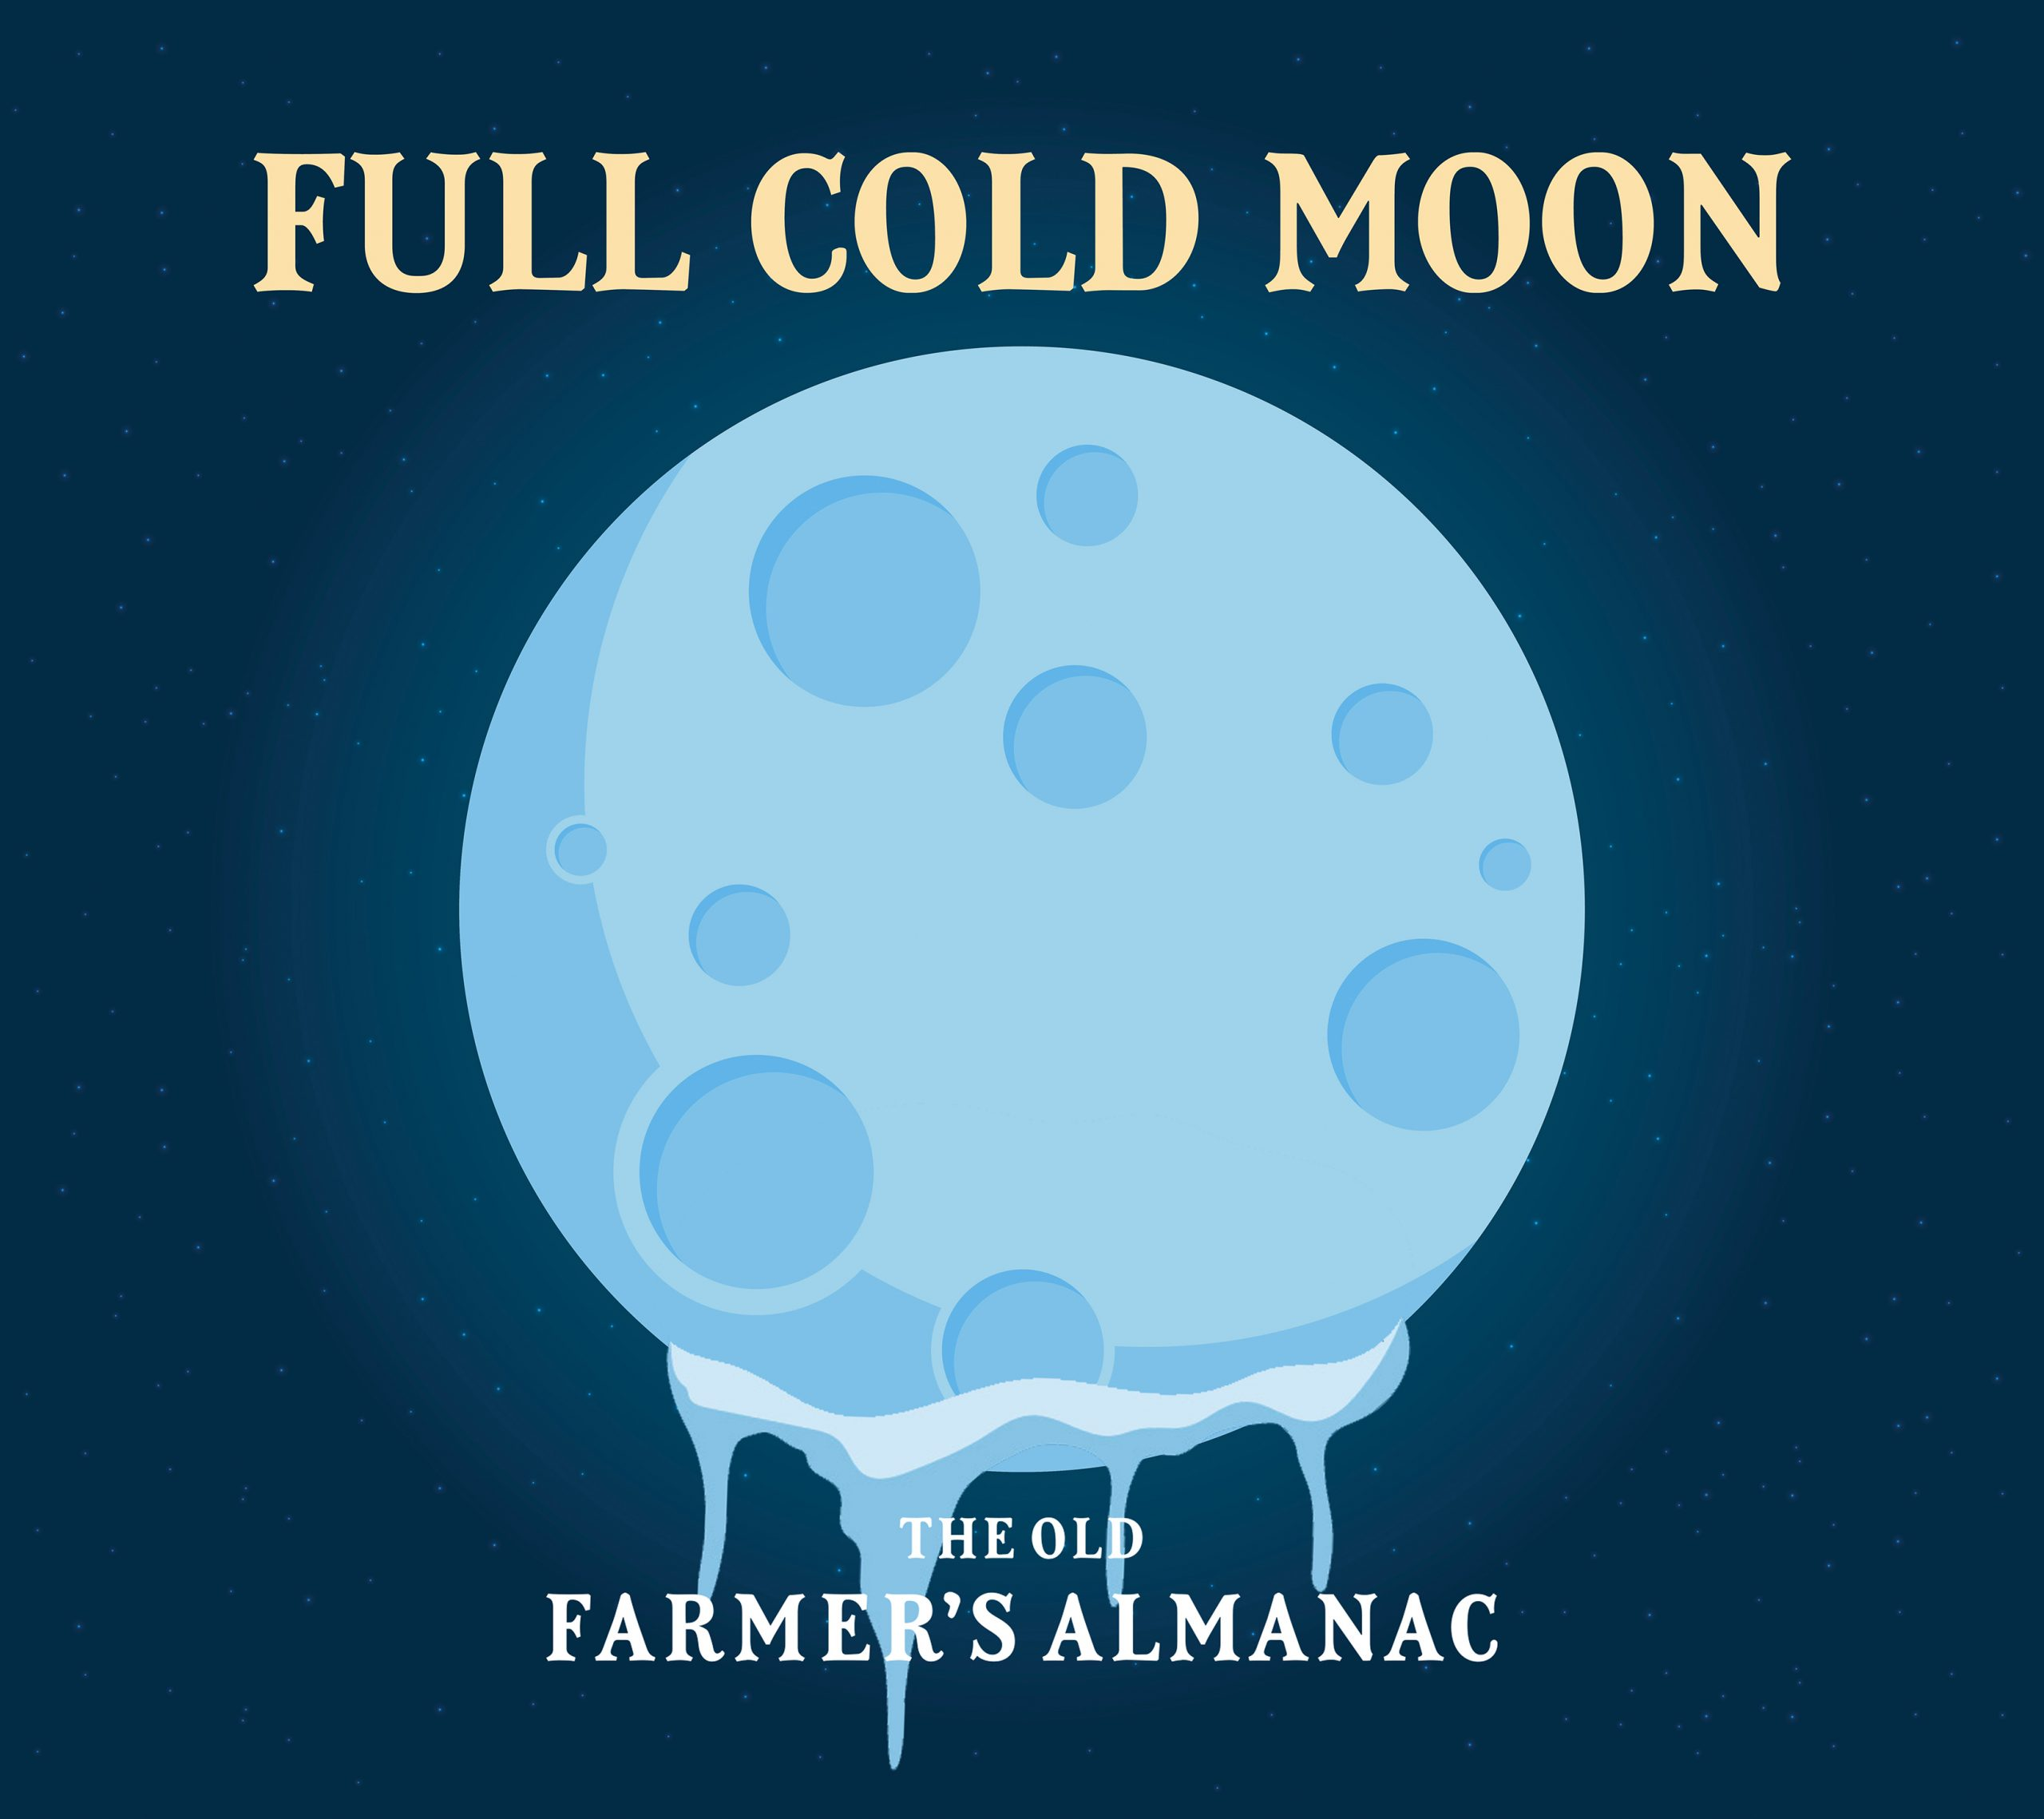 La pleine lune froide: pleine lune de décembre 2019